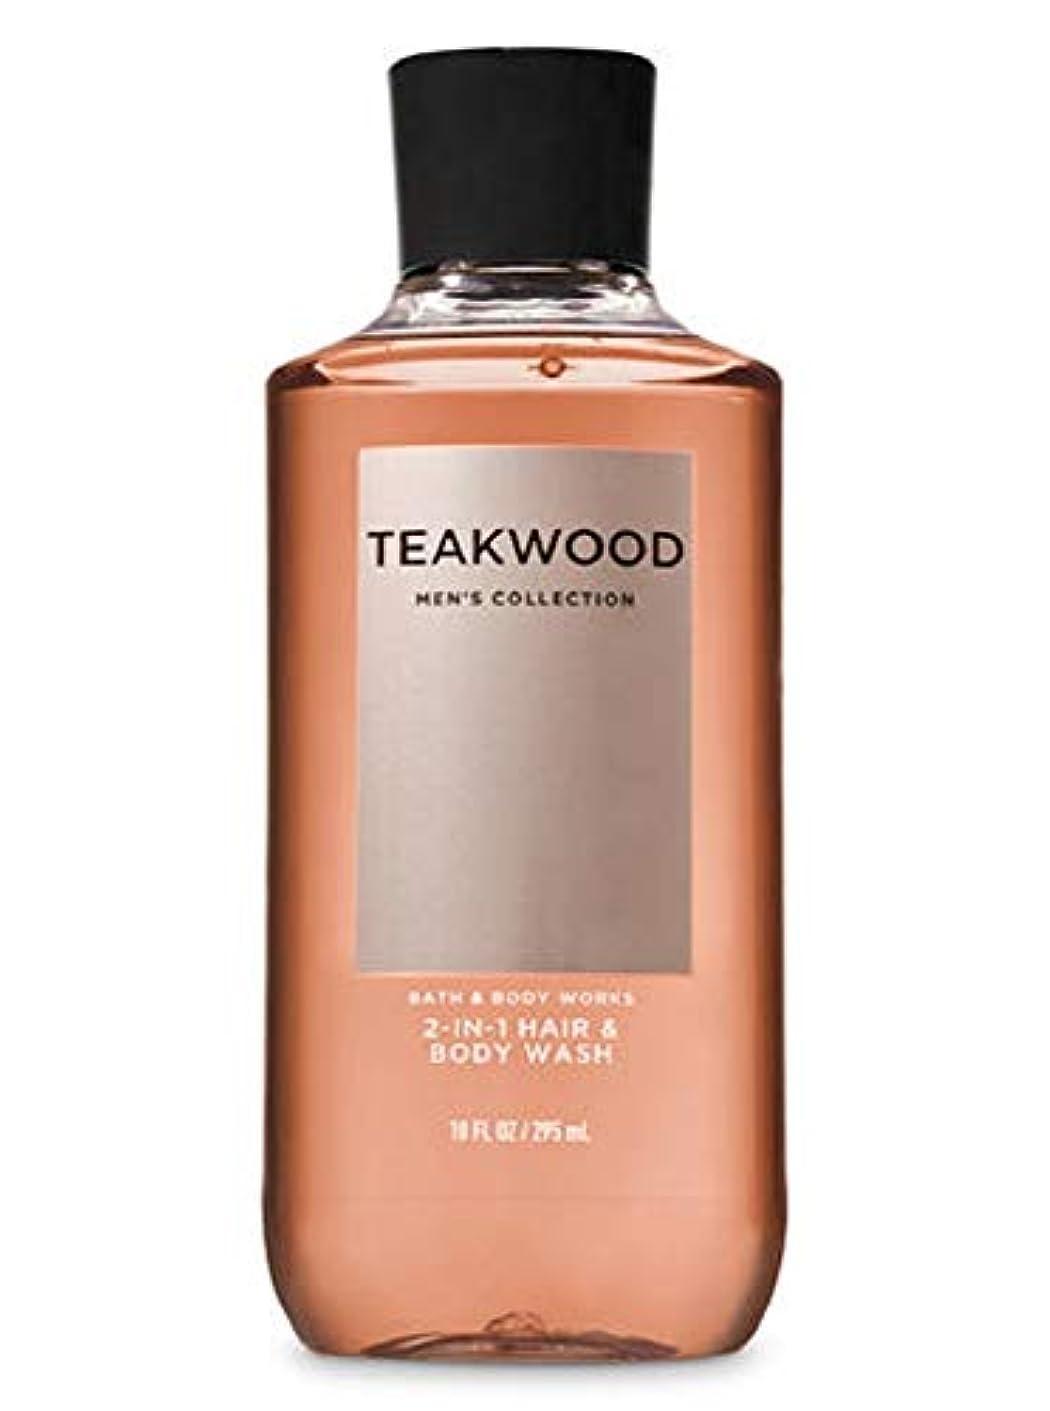 寂しい警察矢印【並行輸入品】Bath & Body Works TEAKWOOD 2-in-1 Hair + Body Wash